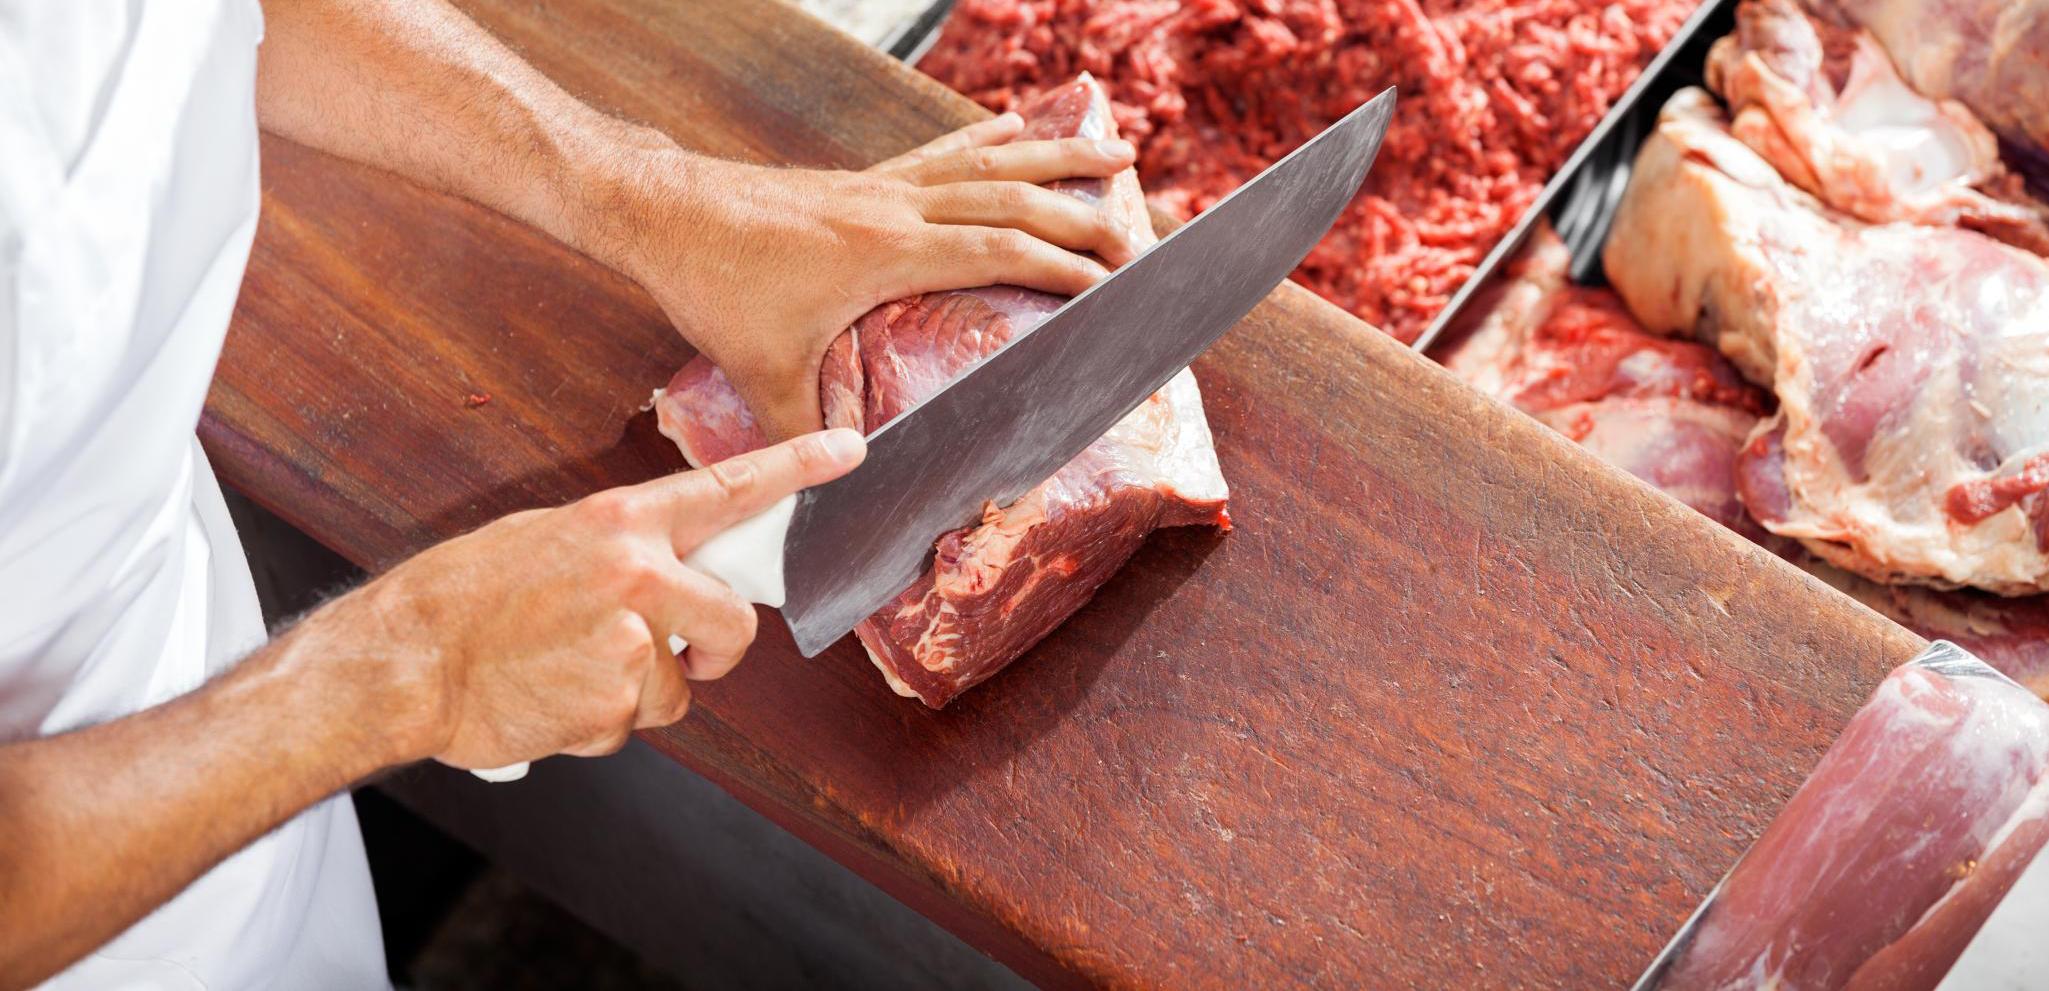 Die Fleischerei Die Fachzeitschrift für Fleischverarbeiter